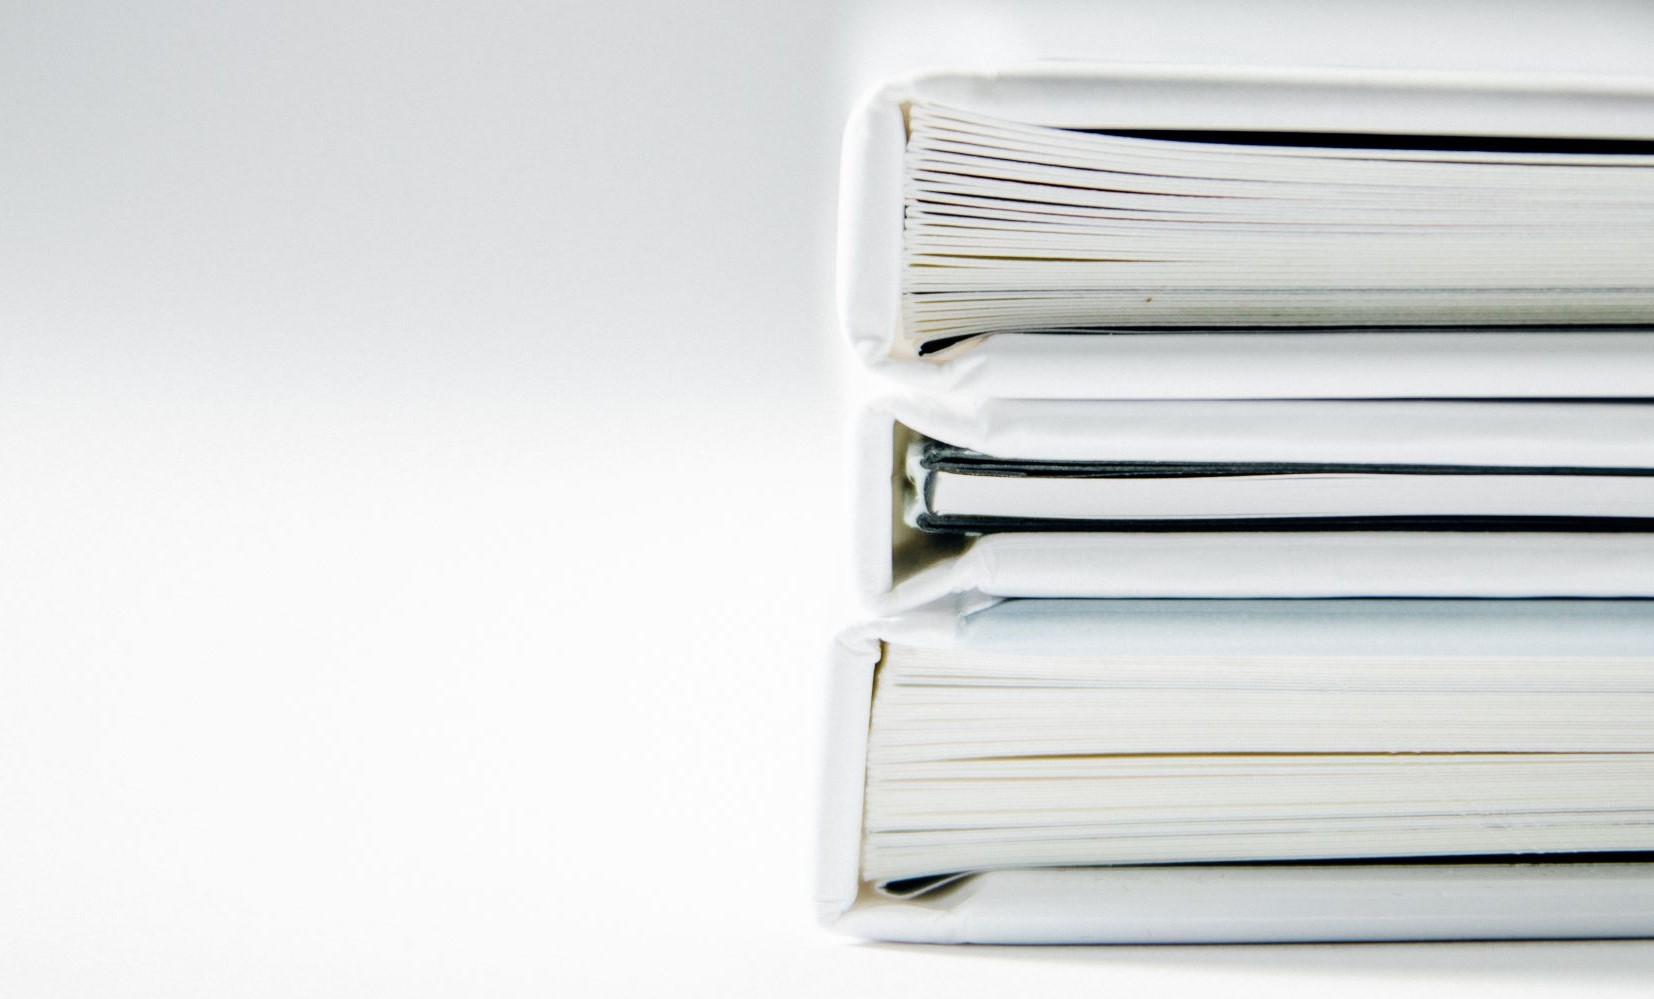 Niszczarka do dokumentów